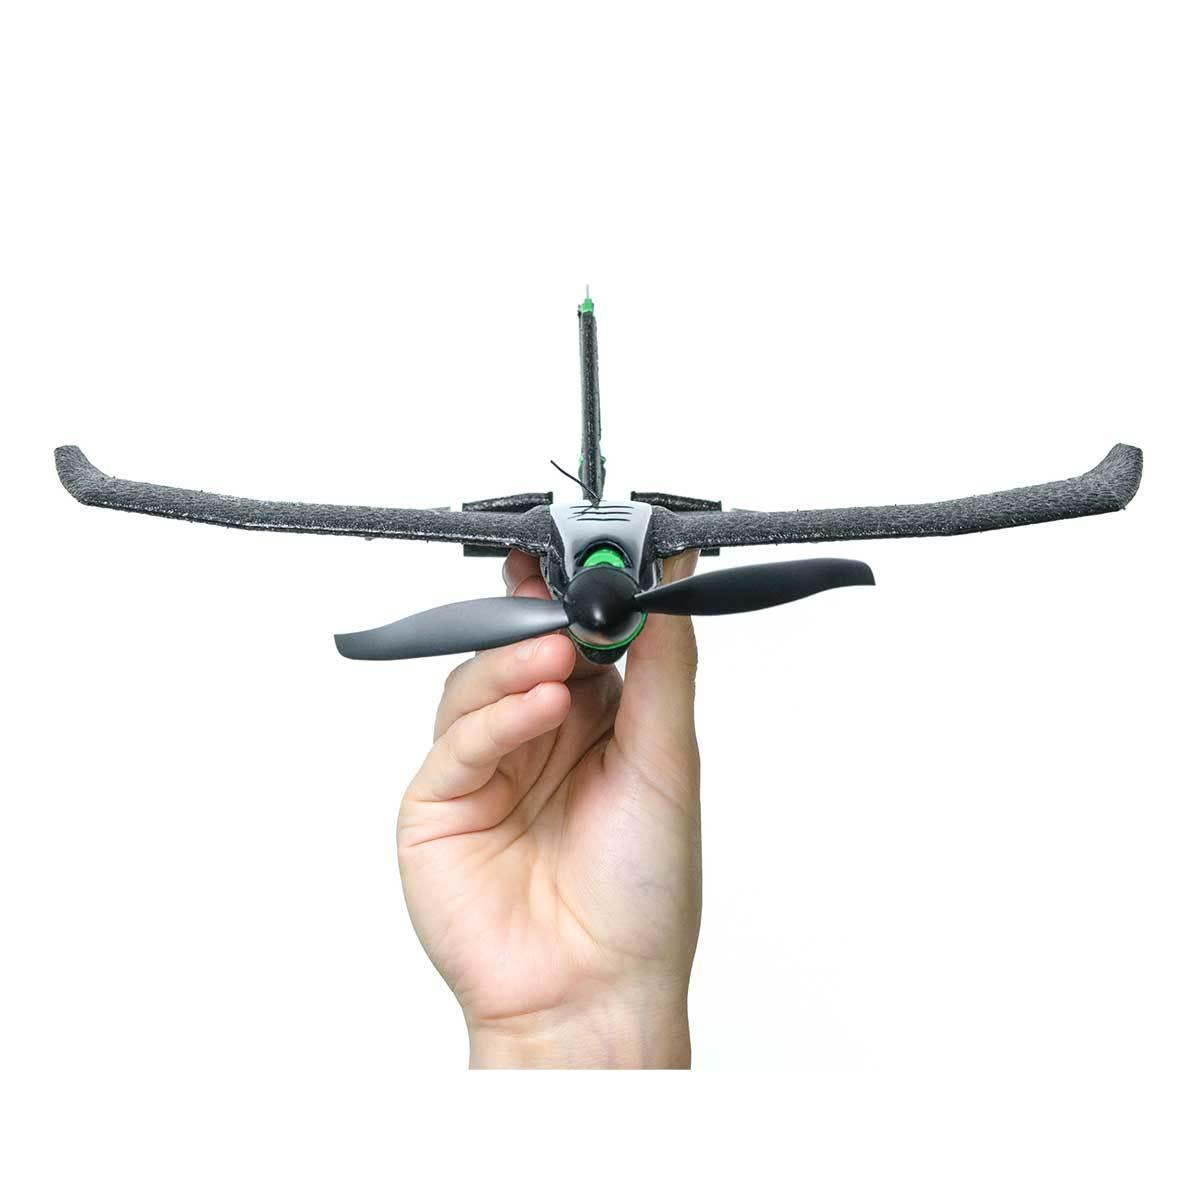 飛んでけ!みんなが笑顔になる『未来の紙飛行機』|スマホでカンタン操作、1秒で最速9.7m飛ぶ「飛行機型ドローン」|Toby Rich